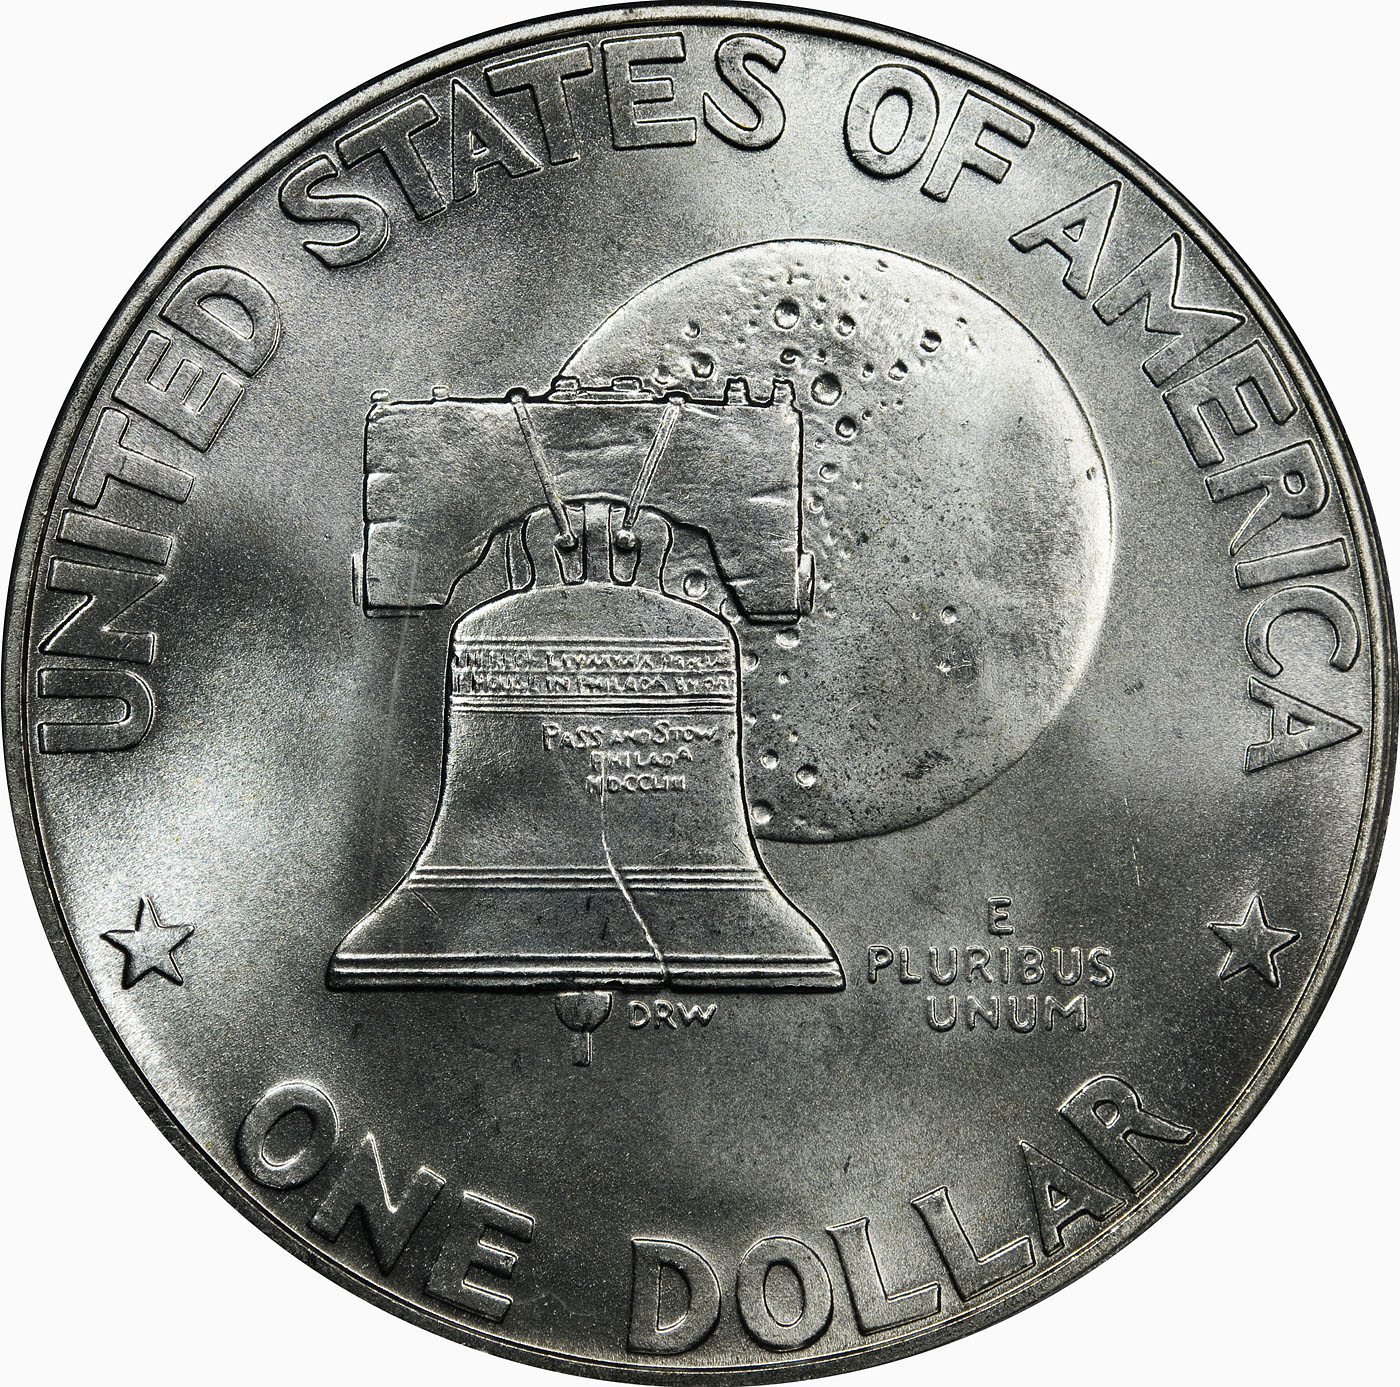 A U.S. Bicentennial Coin